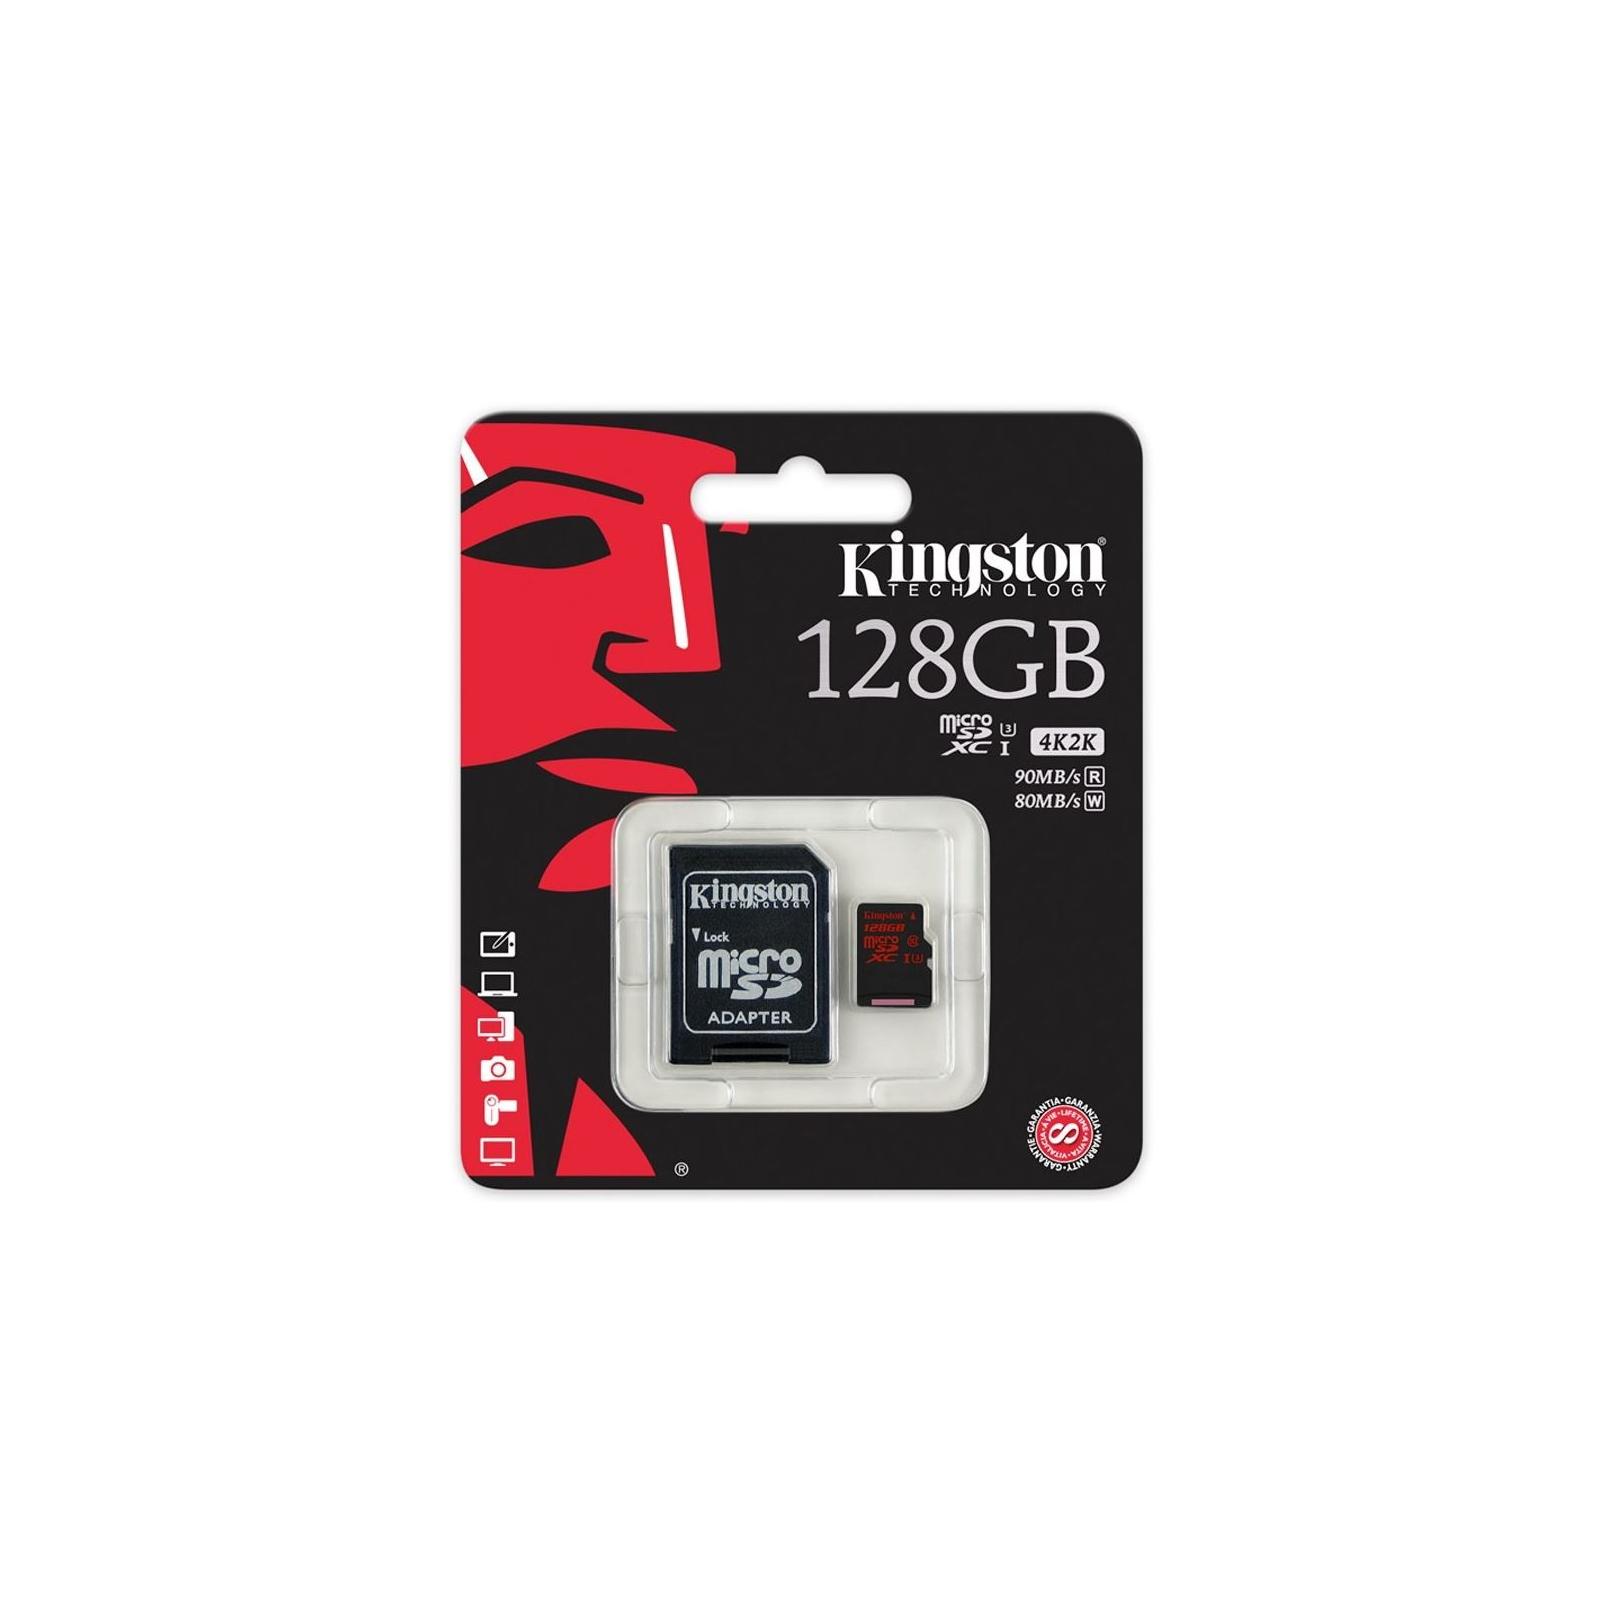 Карта памяти Kingston 128GB microSDXC class10 UHS-I U3 (SDCA3/128GB) изображение 3